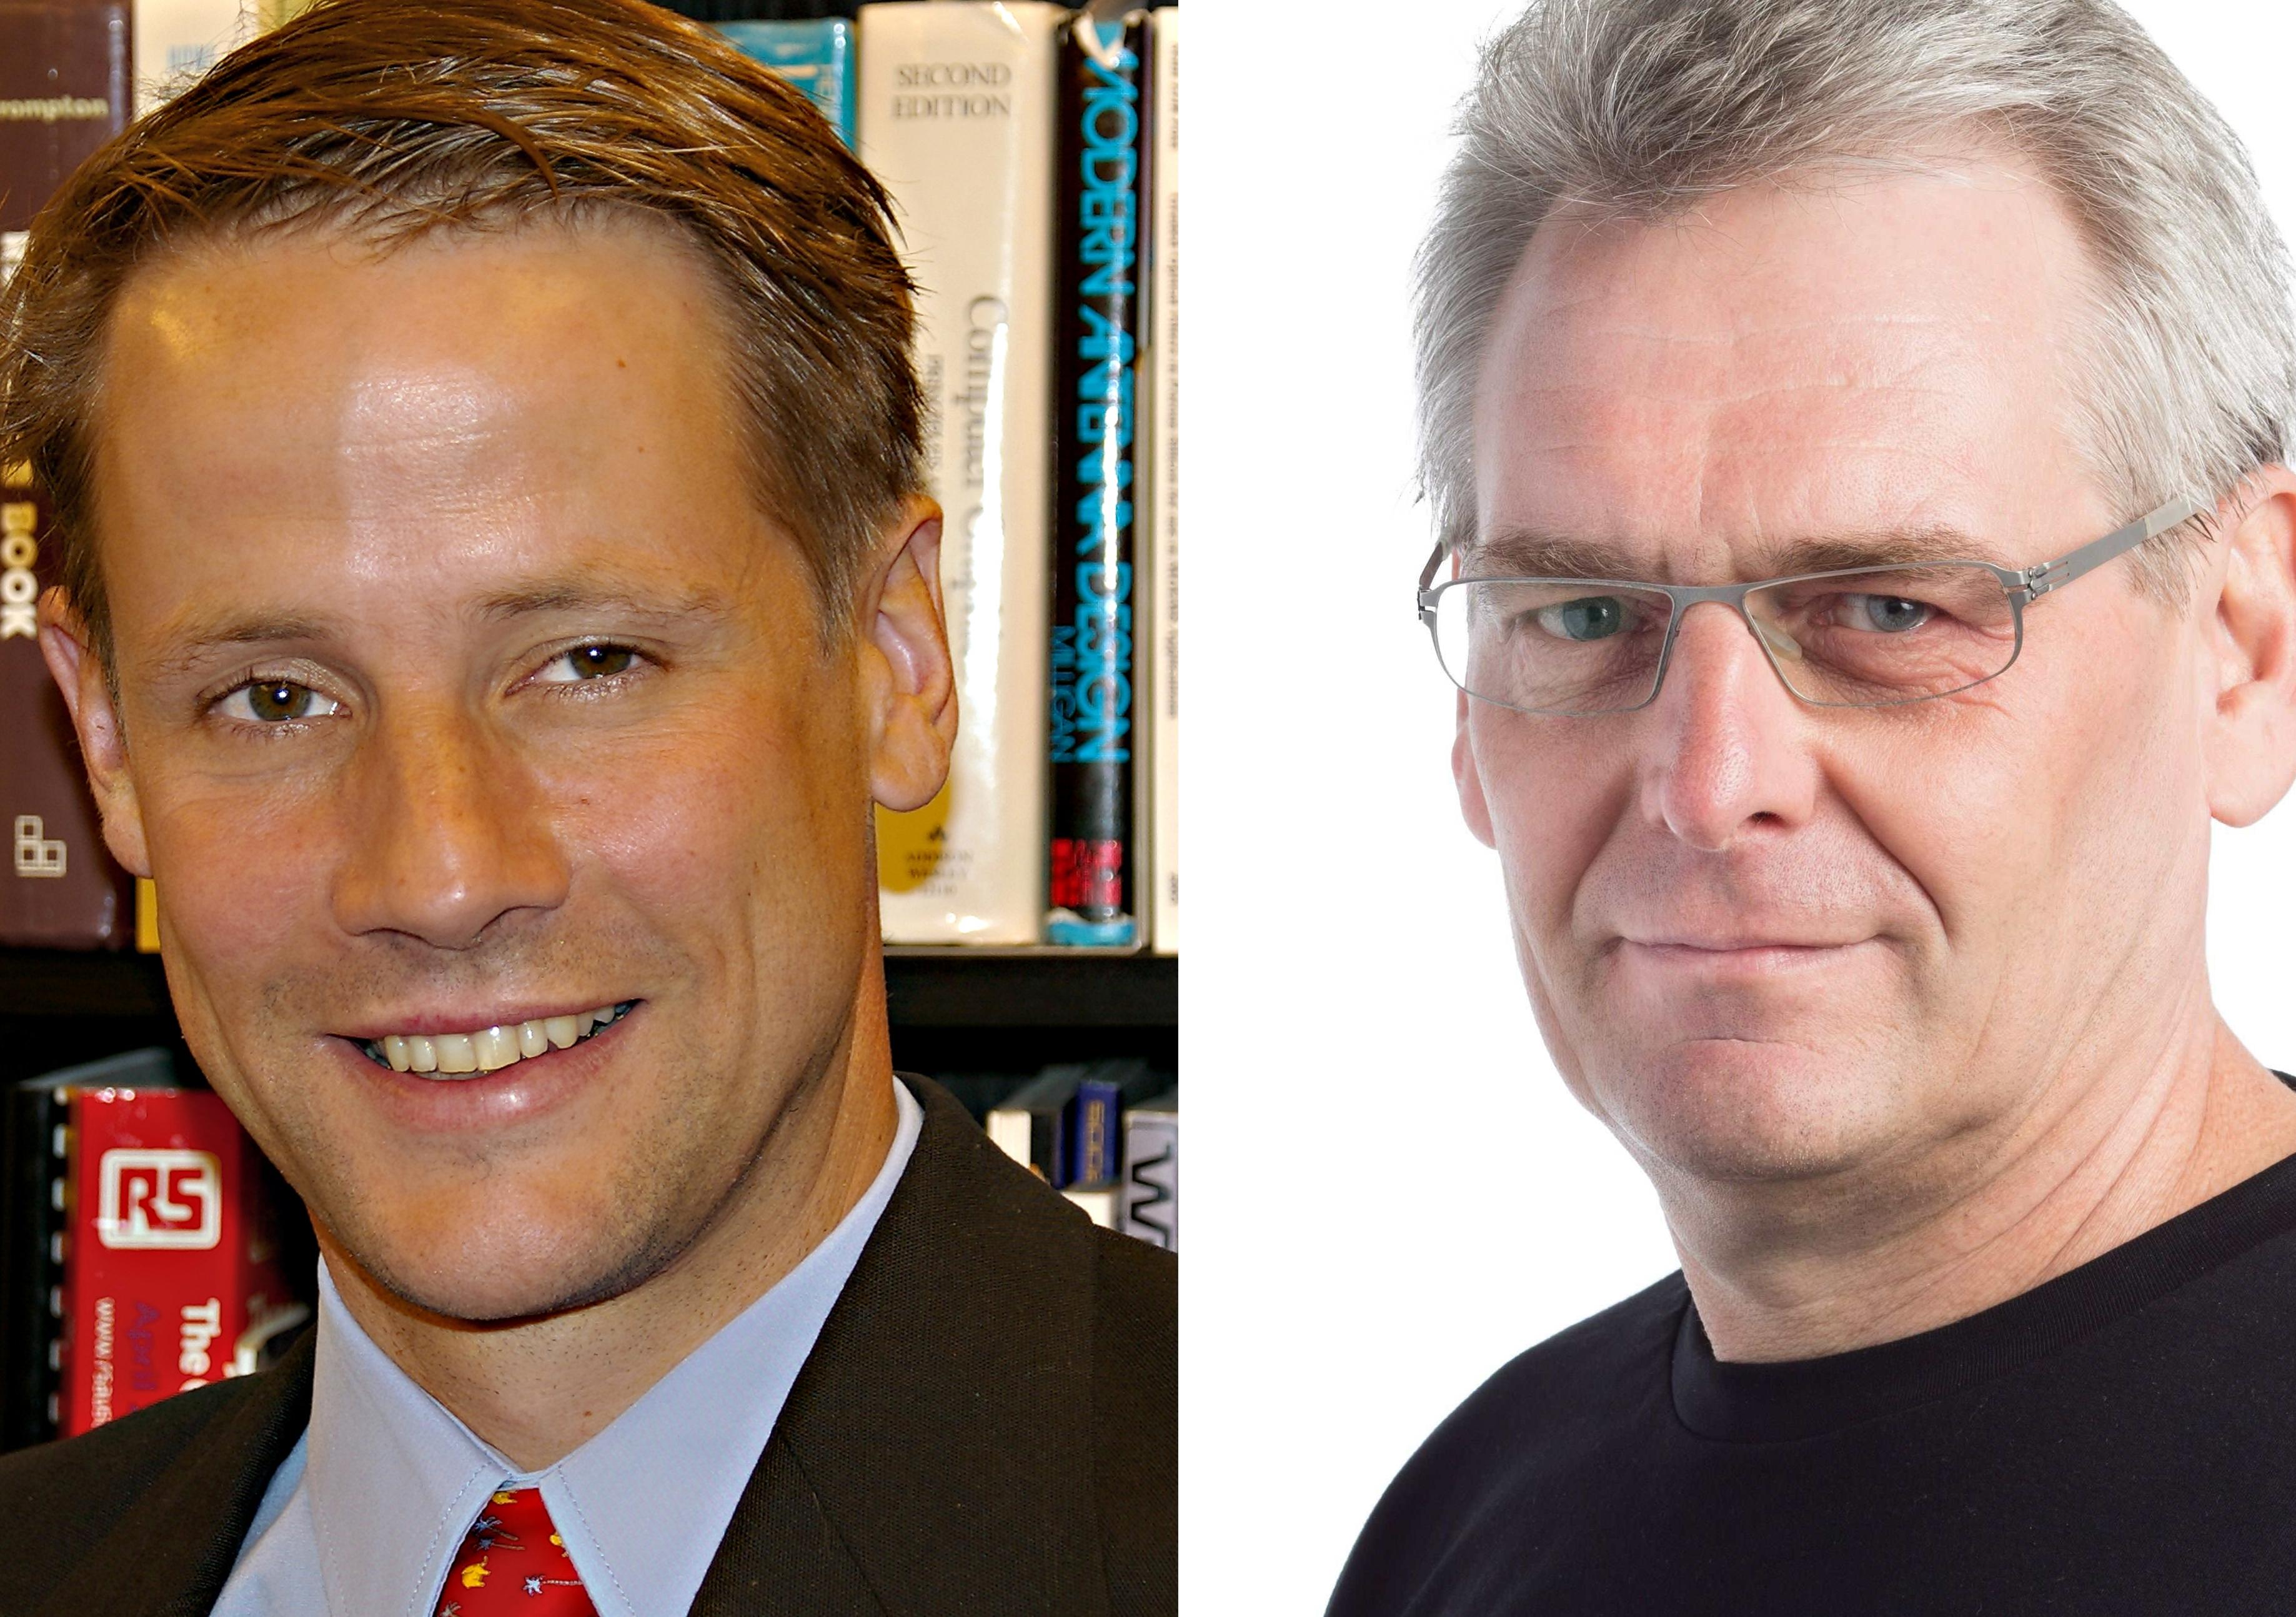 Unsw Celebrates Two New Atse Fellows Unsw Newsroom